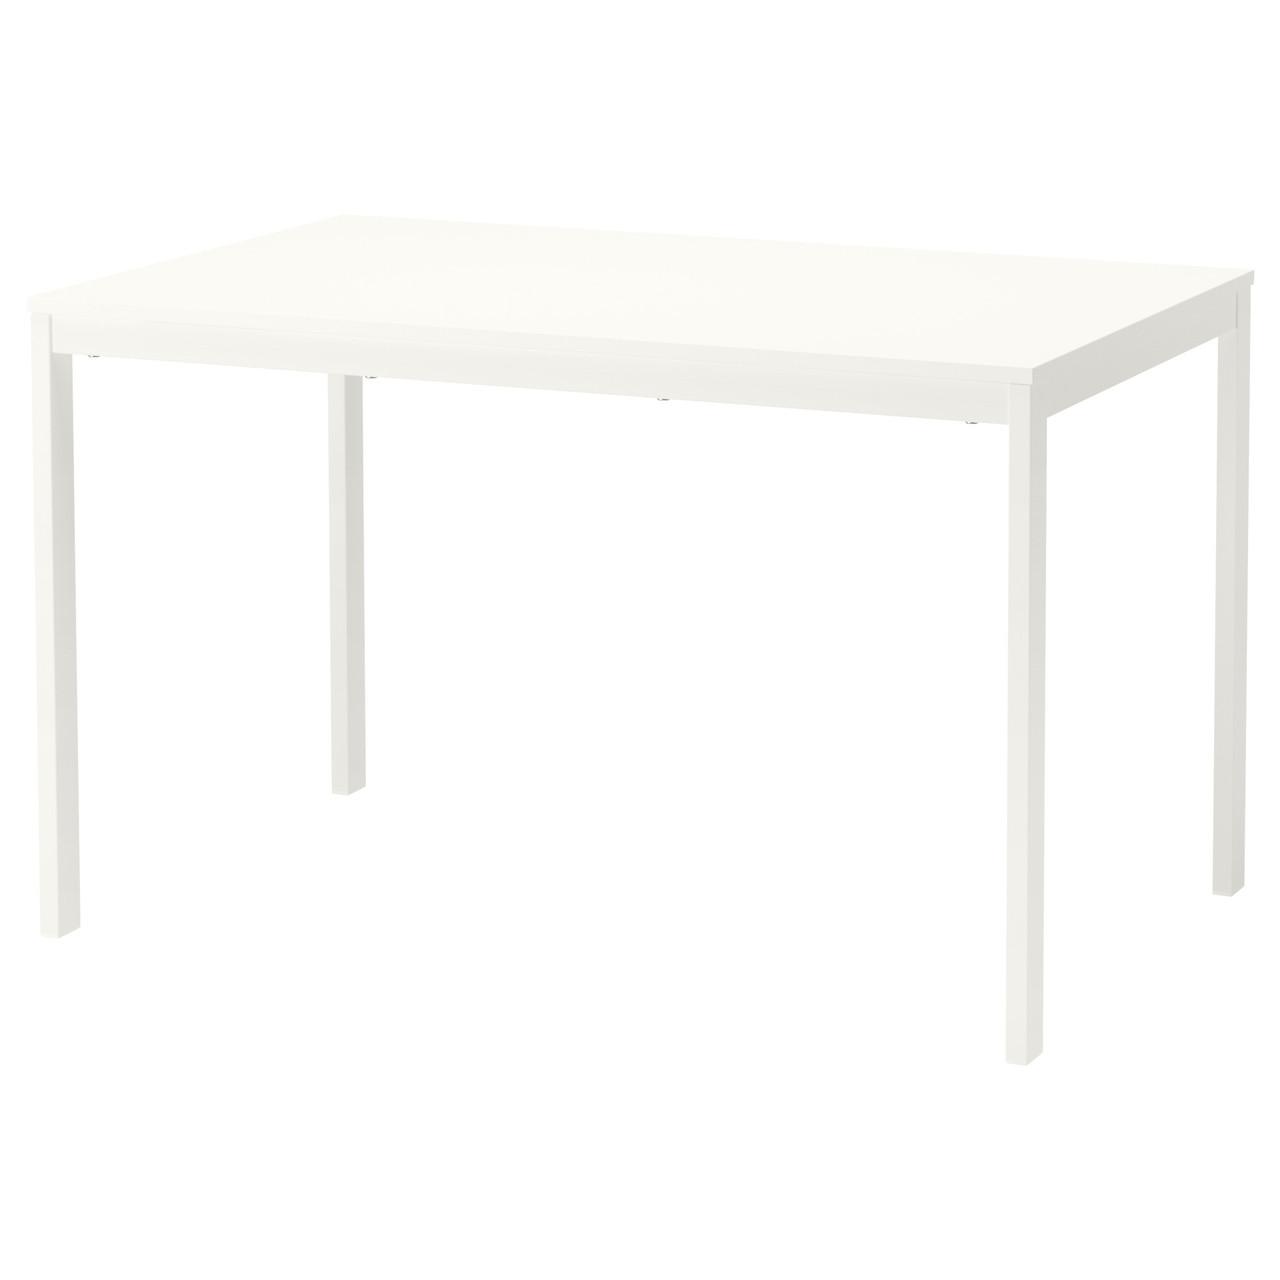 ВАНГСТА Раздвижной стол, белый, 120/180x75 см 80361564 ИКЕА, IKEA, VANGSTA